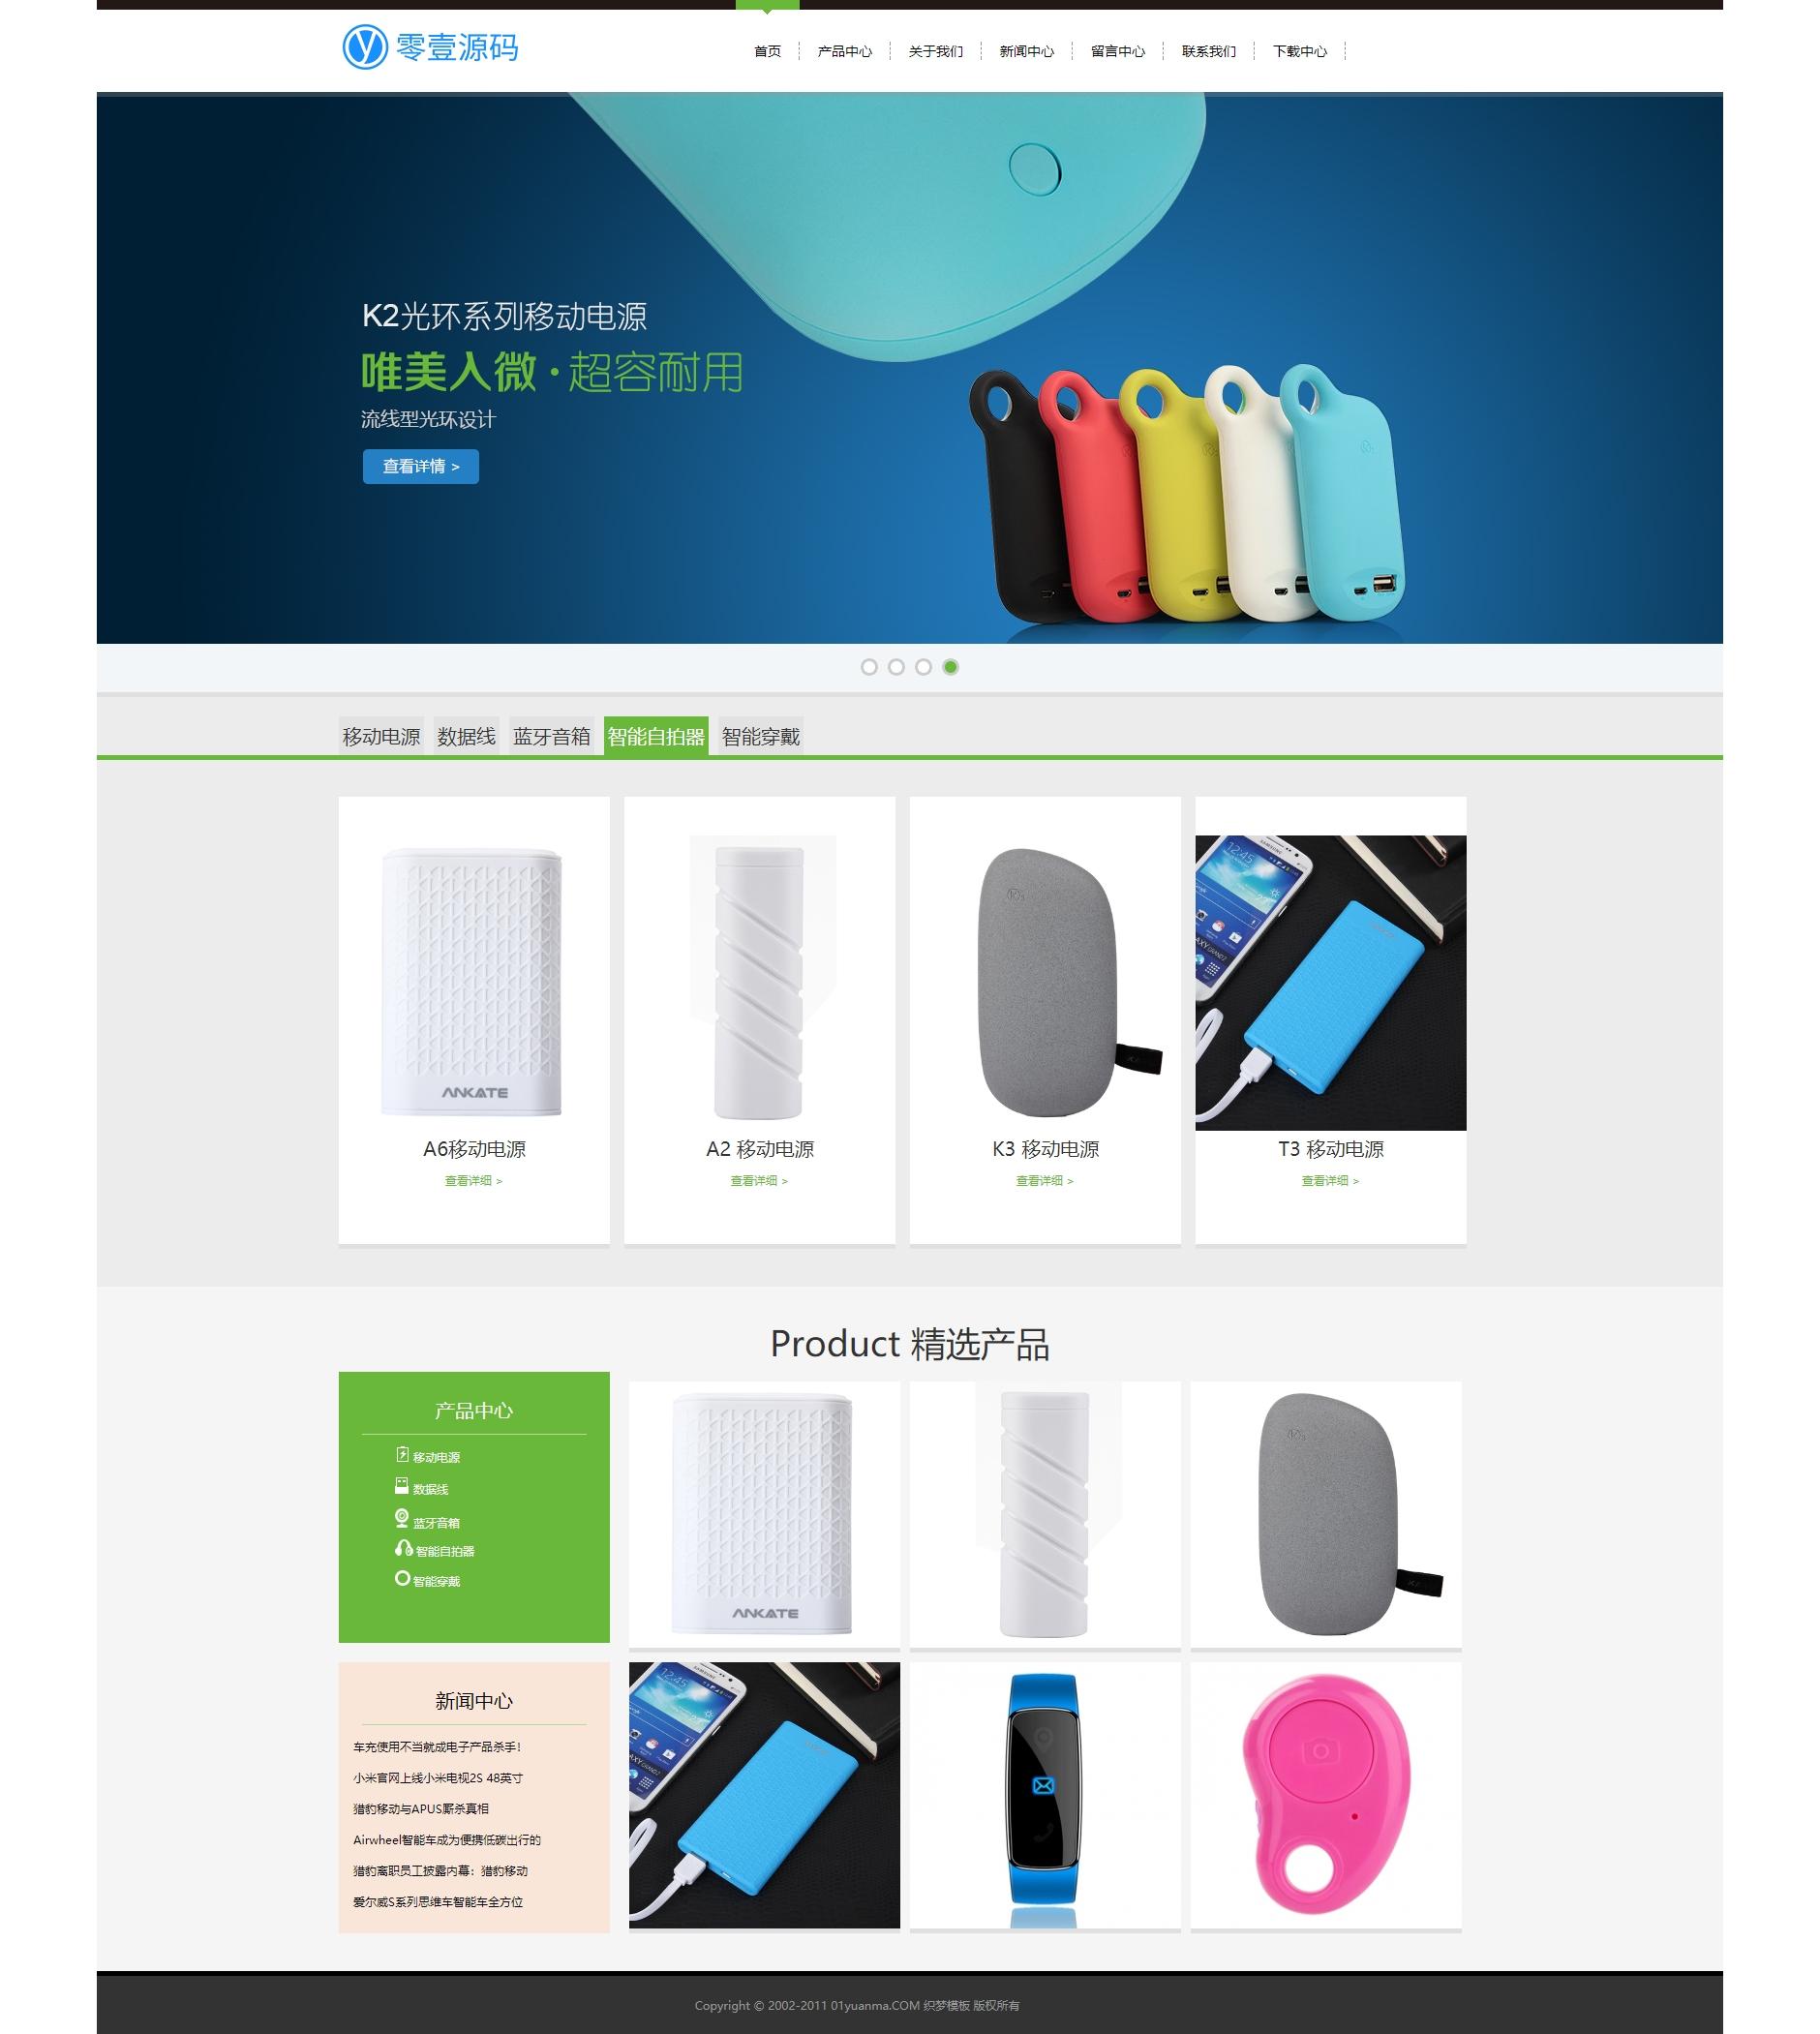 电子产品展示科技产品公司企业网站织梦dedecms模板